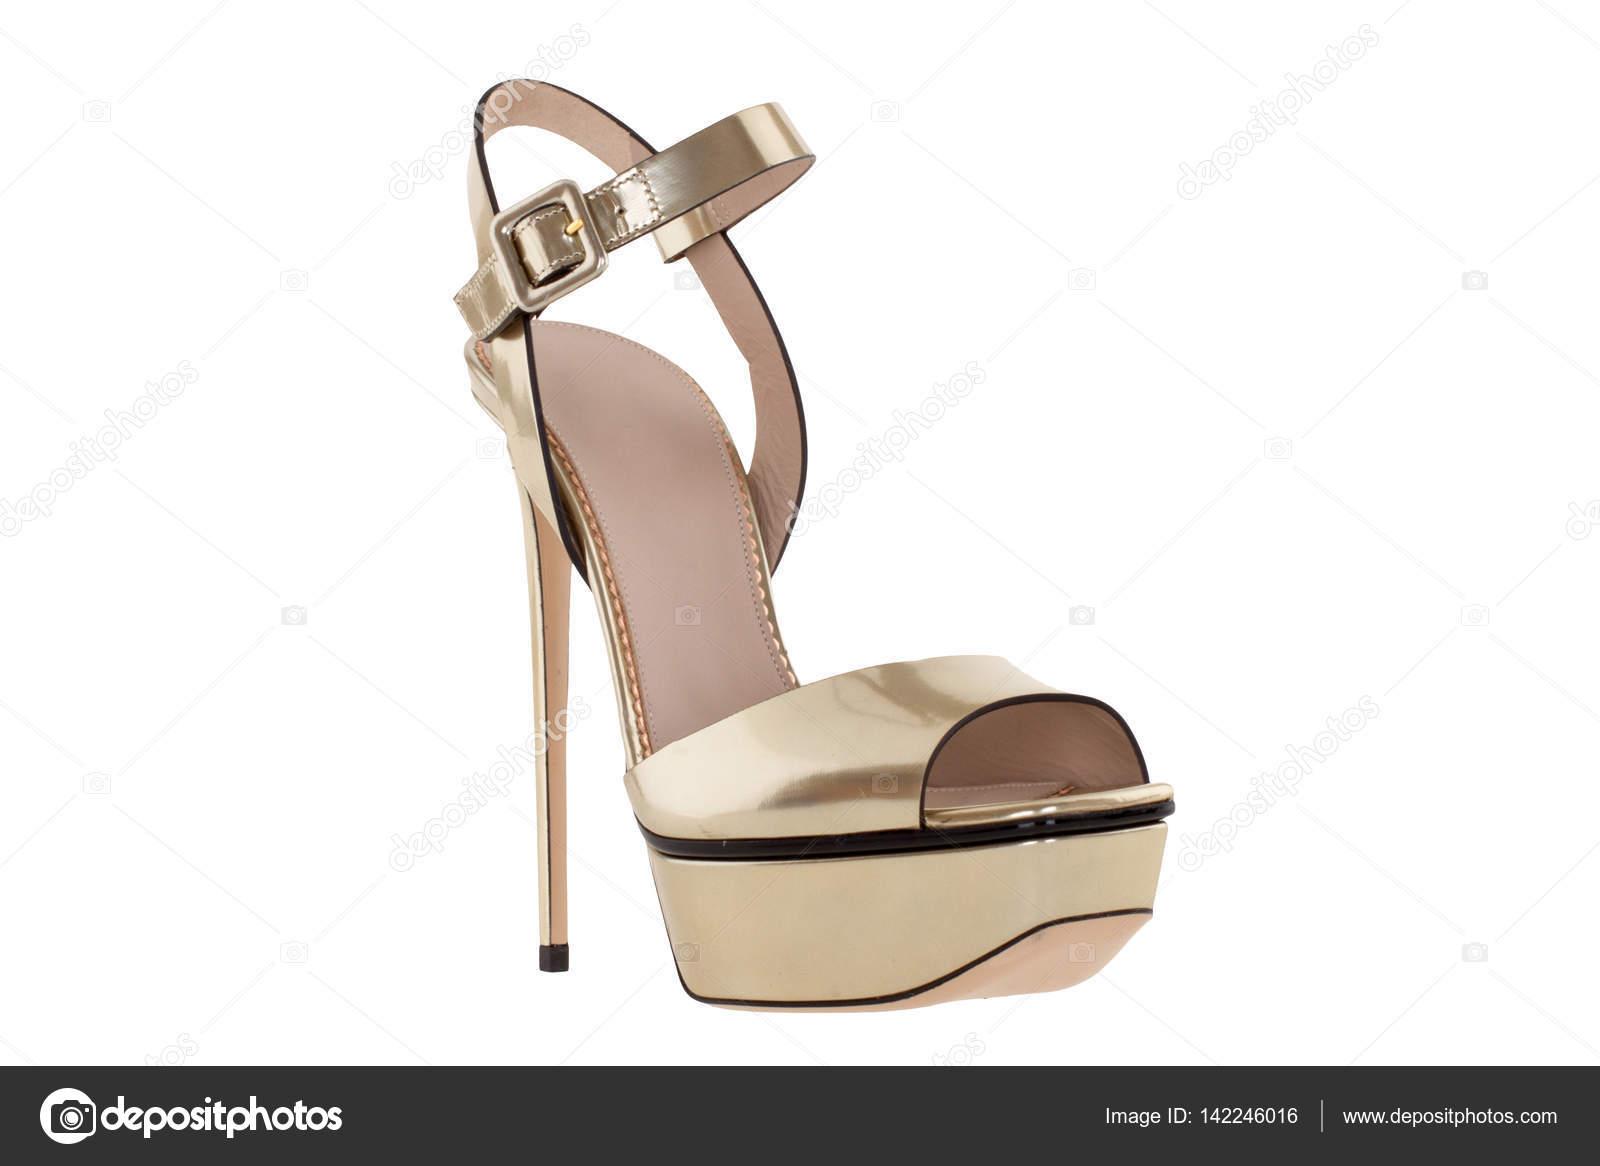 d46a443a Zapatos. Zapatos de mujer sobre un fondo blanco. calzado Premium. Zapatos  italianos marca - fotos: marcas de zapatos italianos para mujer — Foto de  ...